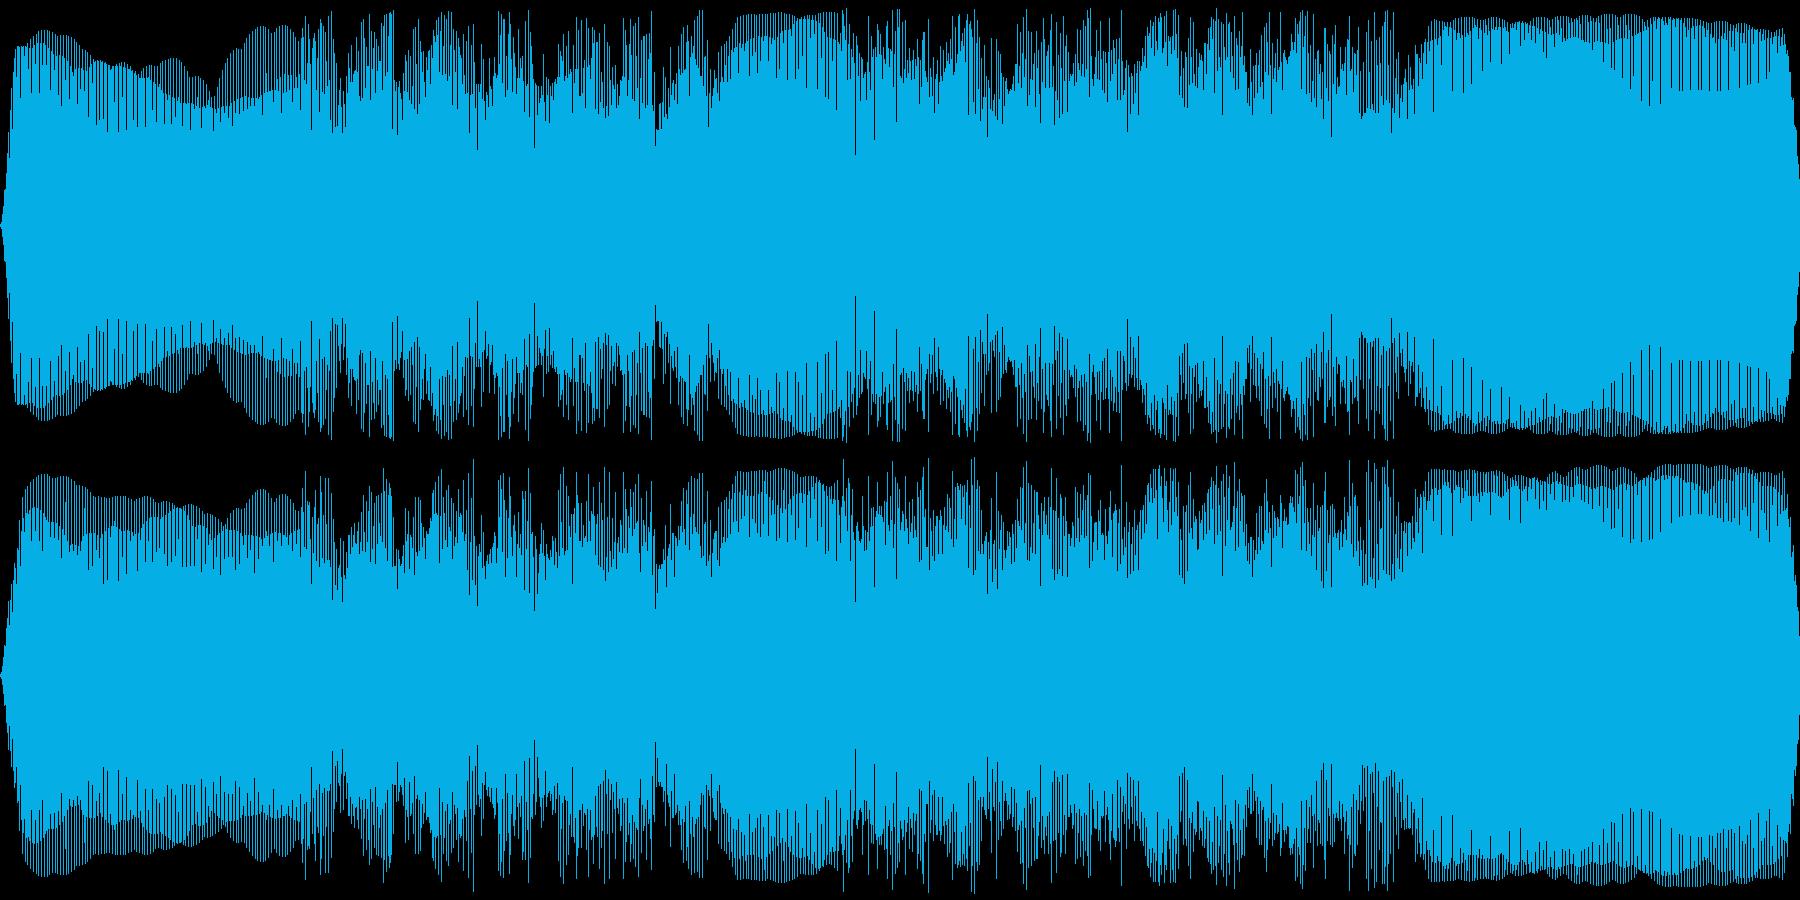 ひげ剃り機、電気シェーバー(剃る音あり)の再生済みの波形